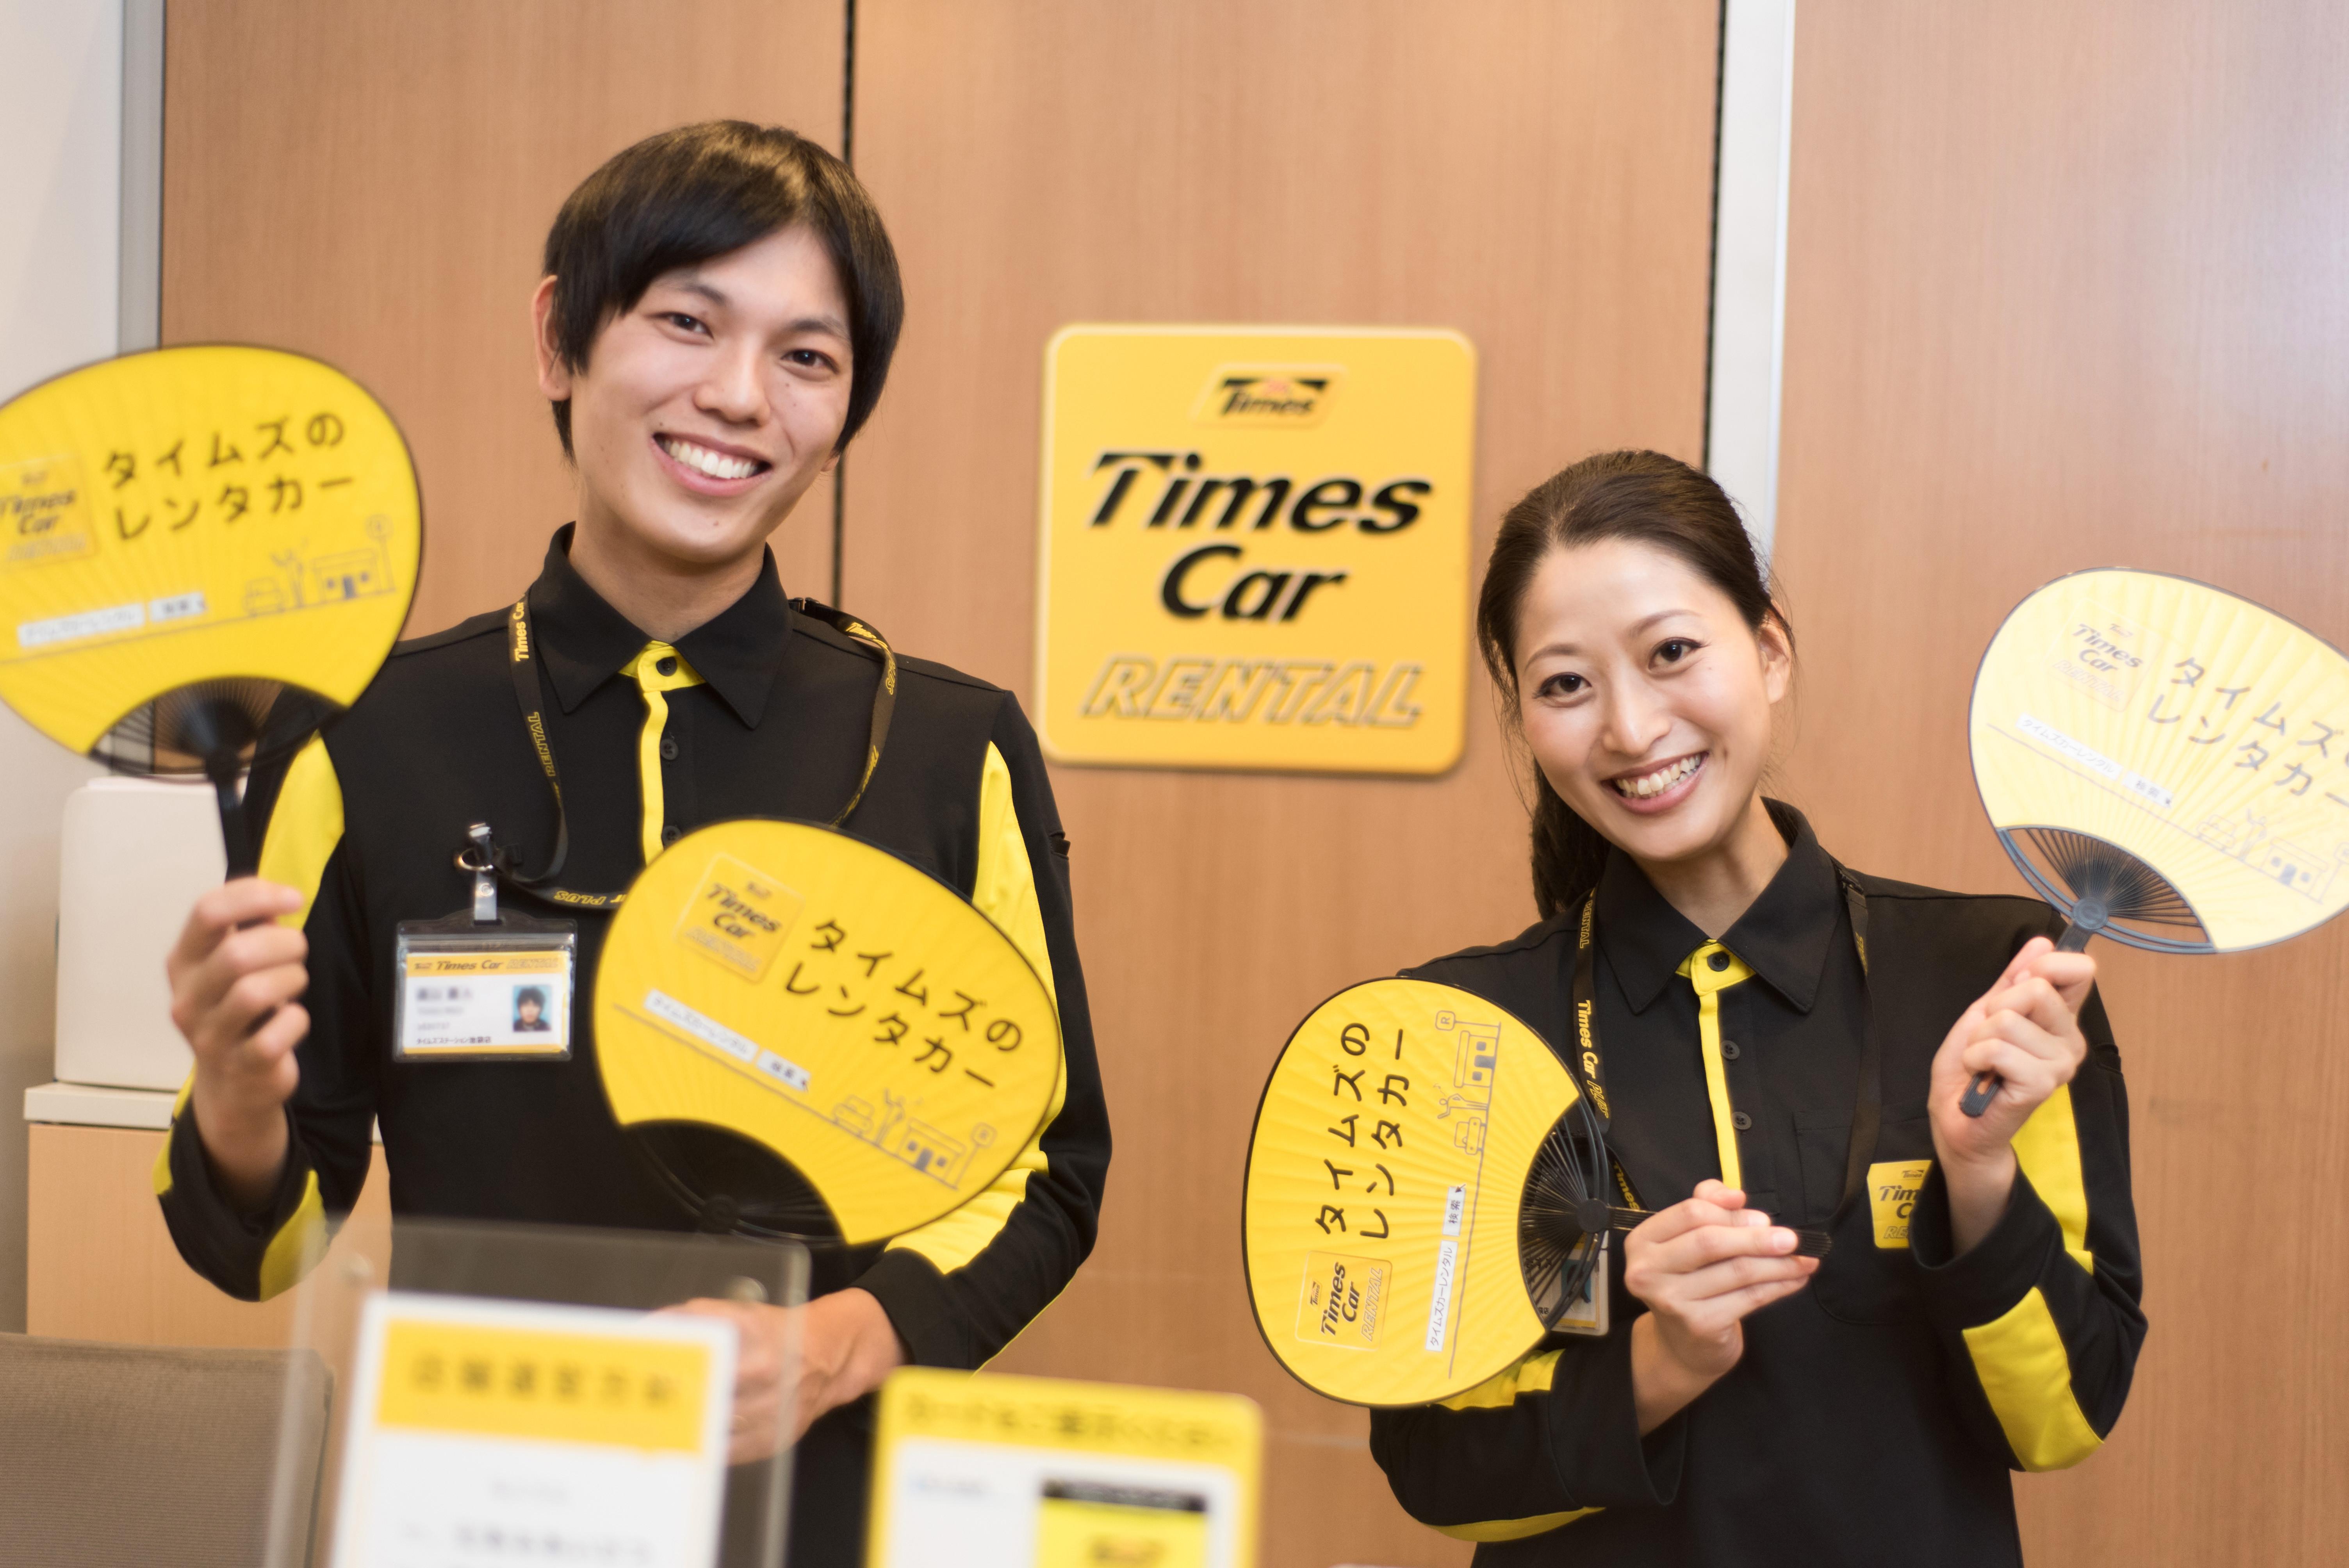 タイムズカーレンタル 博多祇園駅店 のアルバイト情報